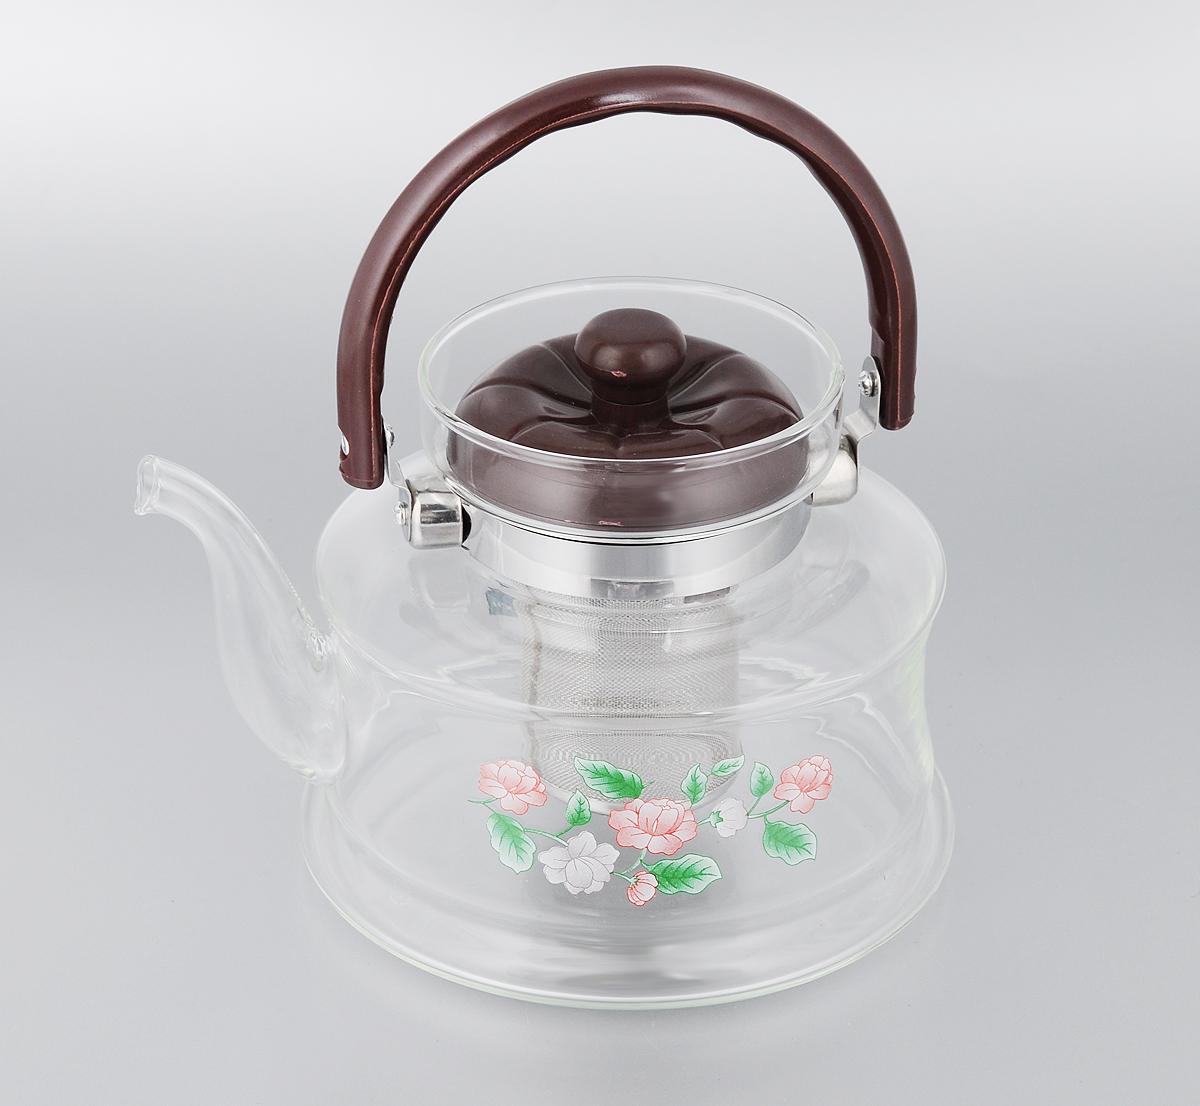 Чайник заварочный Mayer & Boch, с фильтром, 1,4 л. 259168/5/3Заварочный чайник Mayer & Boch, выполненный из термостойкого стекла, предоставит вам все необходимые возможности для успешного заваривания чая. Изделие оснащено бакелитовой ручкой, крышкой и сетчатым фильтром из нержавеющей стали, который задерживает чаинки и предотвращает их попадание в чашку. Чай в таком чайнике дольше остается горячим, а полезные и ароматические вещества полностью сохраняются в напитке. Эстетичный и функциональный чайник будет оригинально смотреться в любом интерьере.Диаметр чайника (по верхнему краю): 9,5 см. Высота чайника (с учетом ручки и крышки): 19 см. Высота чайника (без учета ручки и крышки): 13 см. Высота фильтра: 7,5 см.